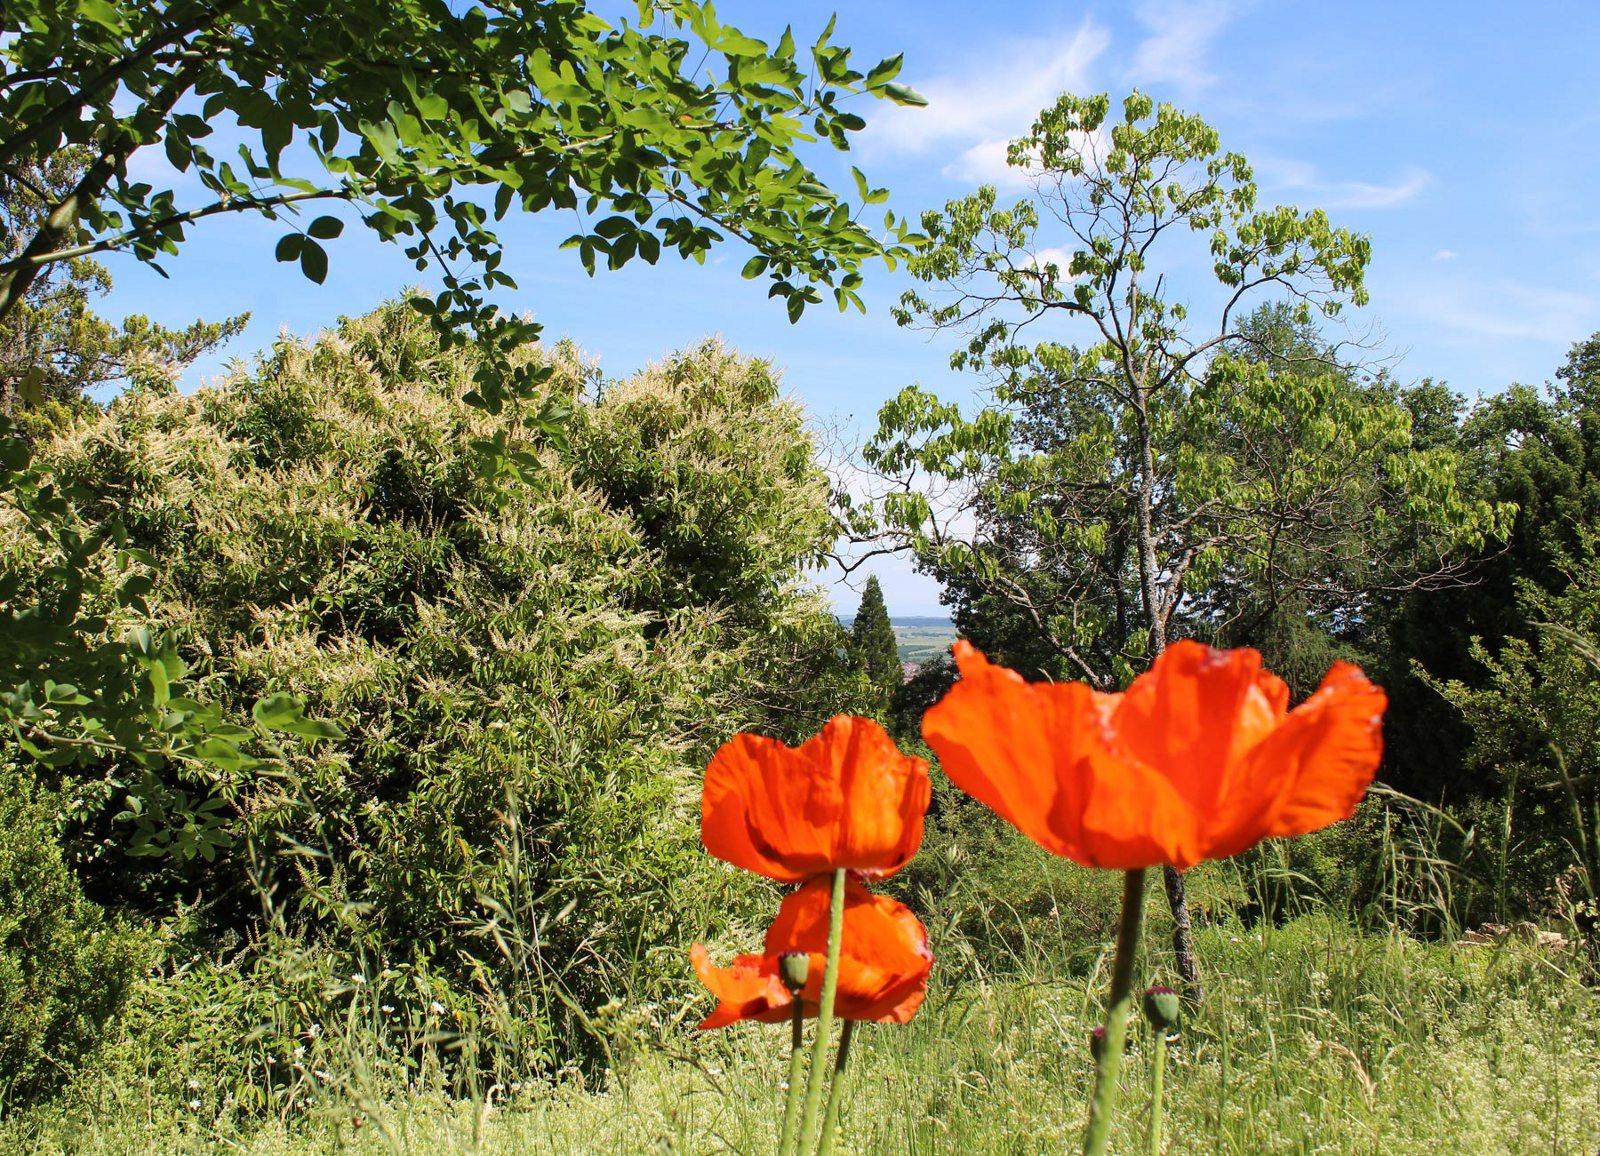 Jardin botanique du col de saverne saverne - Jardin botanique de saverne ...